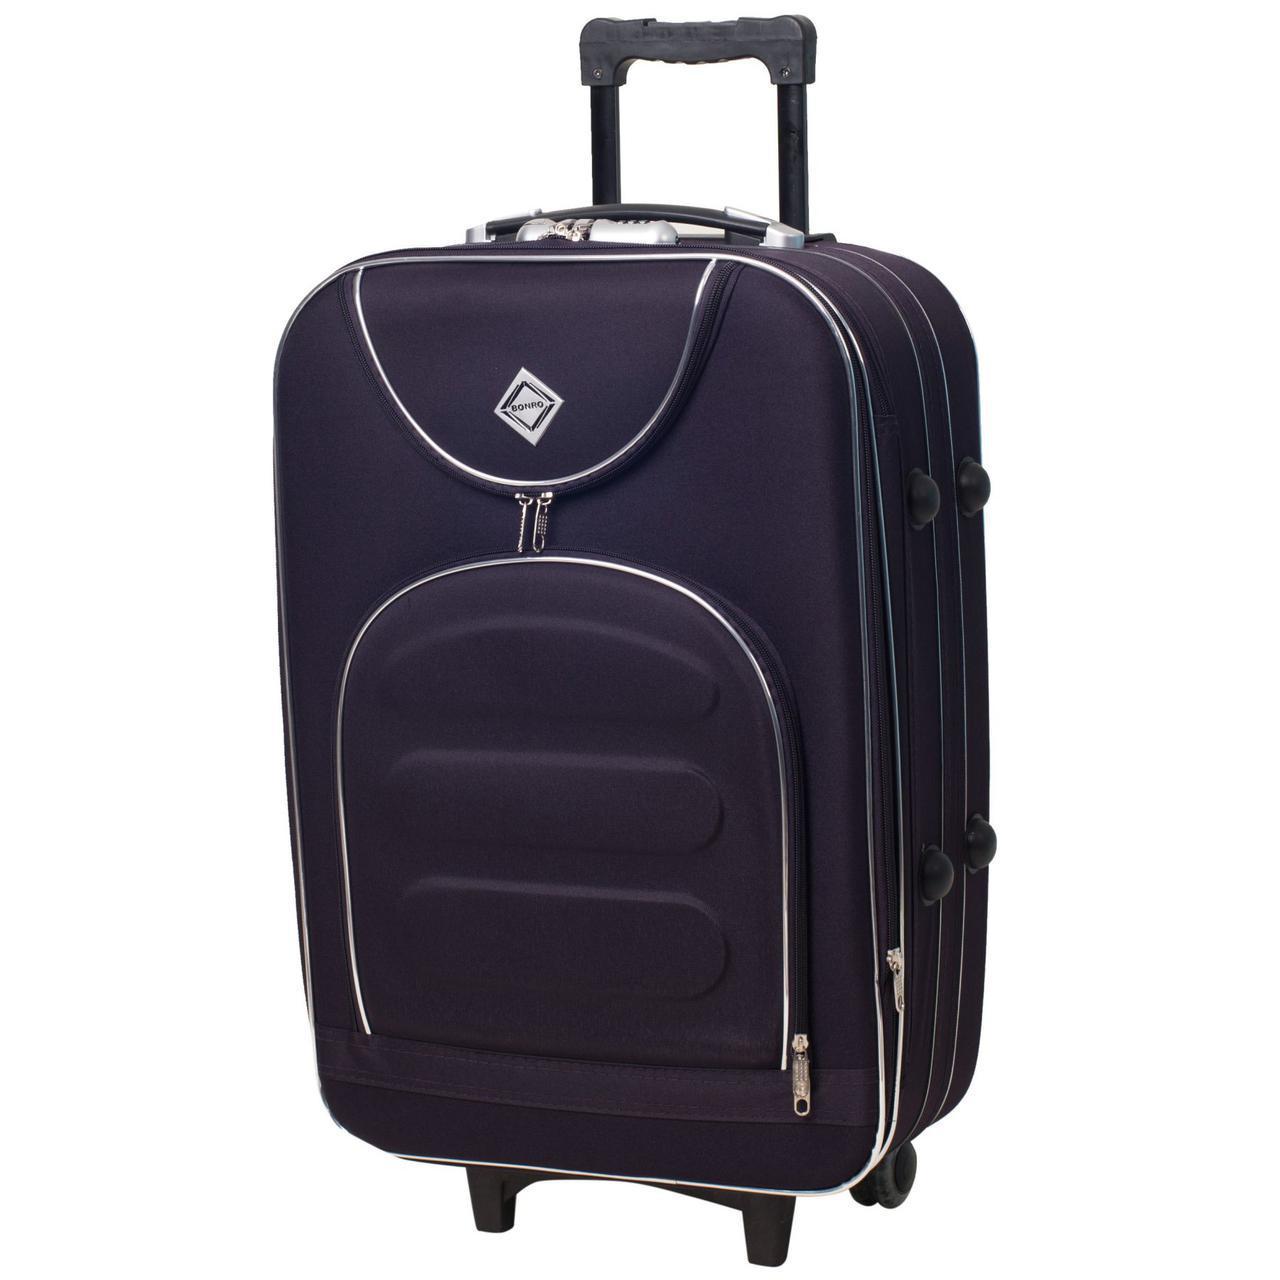 Дорожный чемодан на колесах Bonro Lux Темно-фиолетовый Небольшой